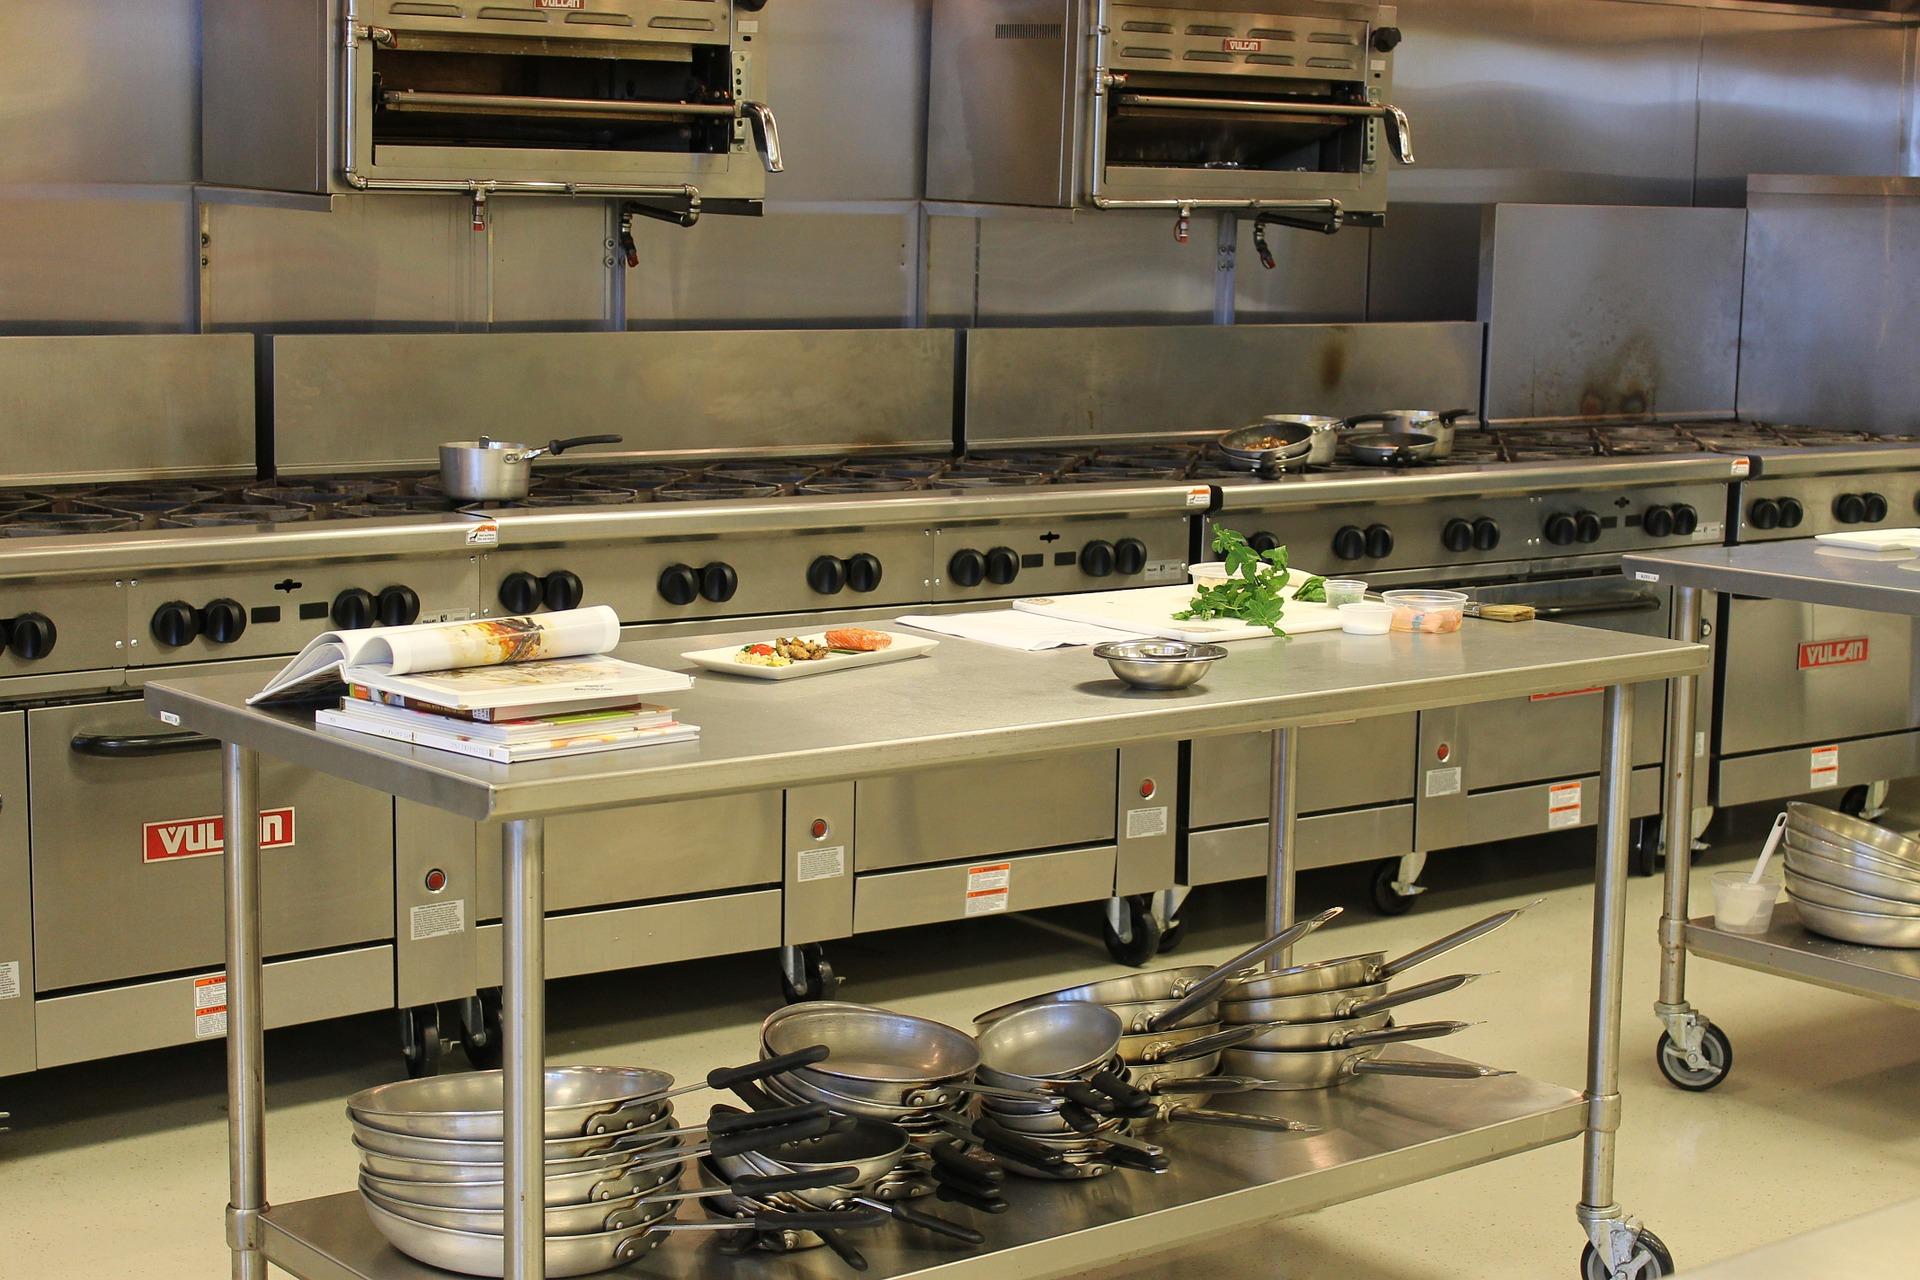 kitchen-1159532_1920.jpg